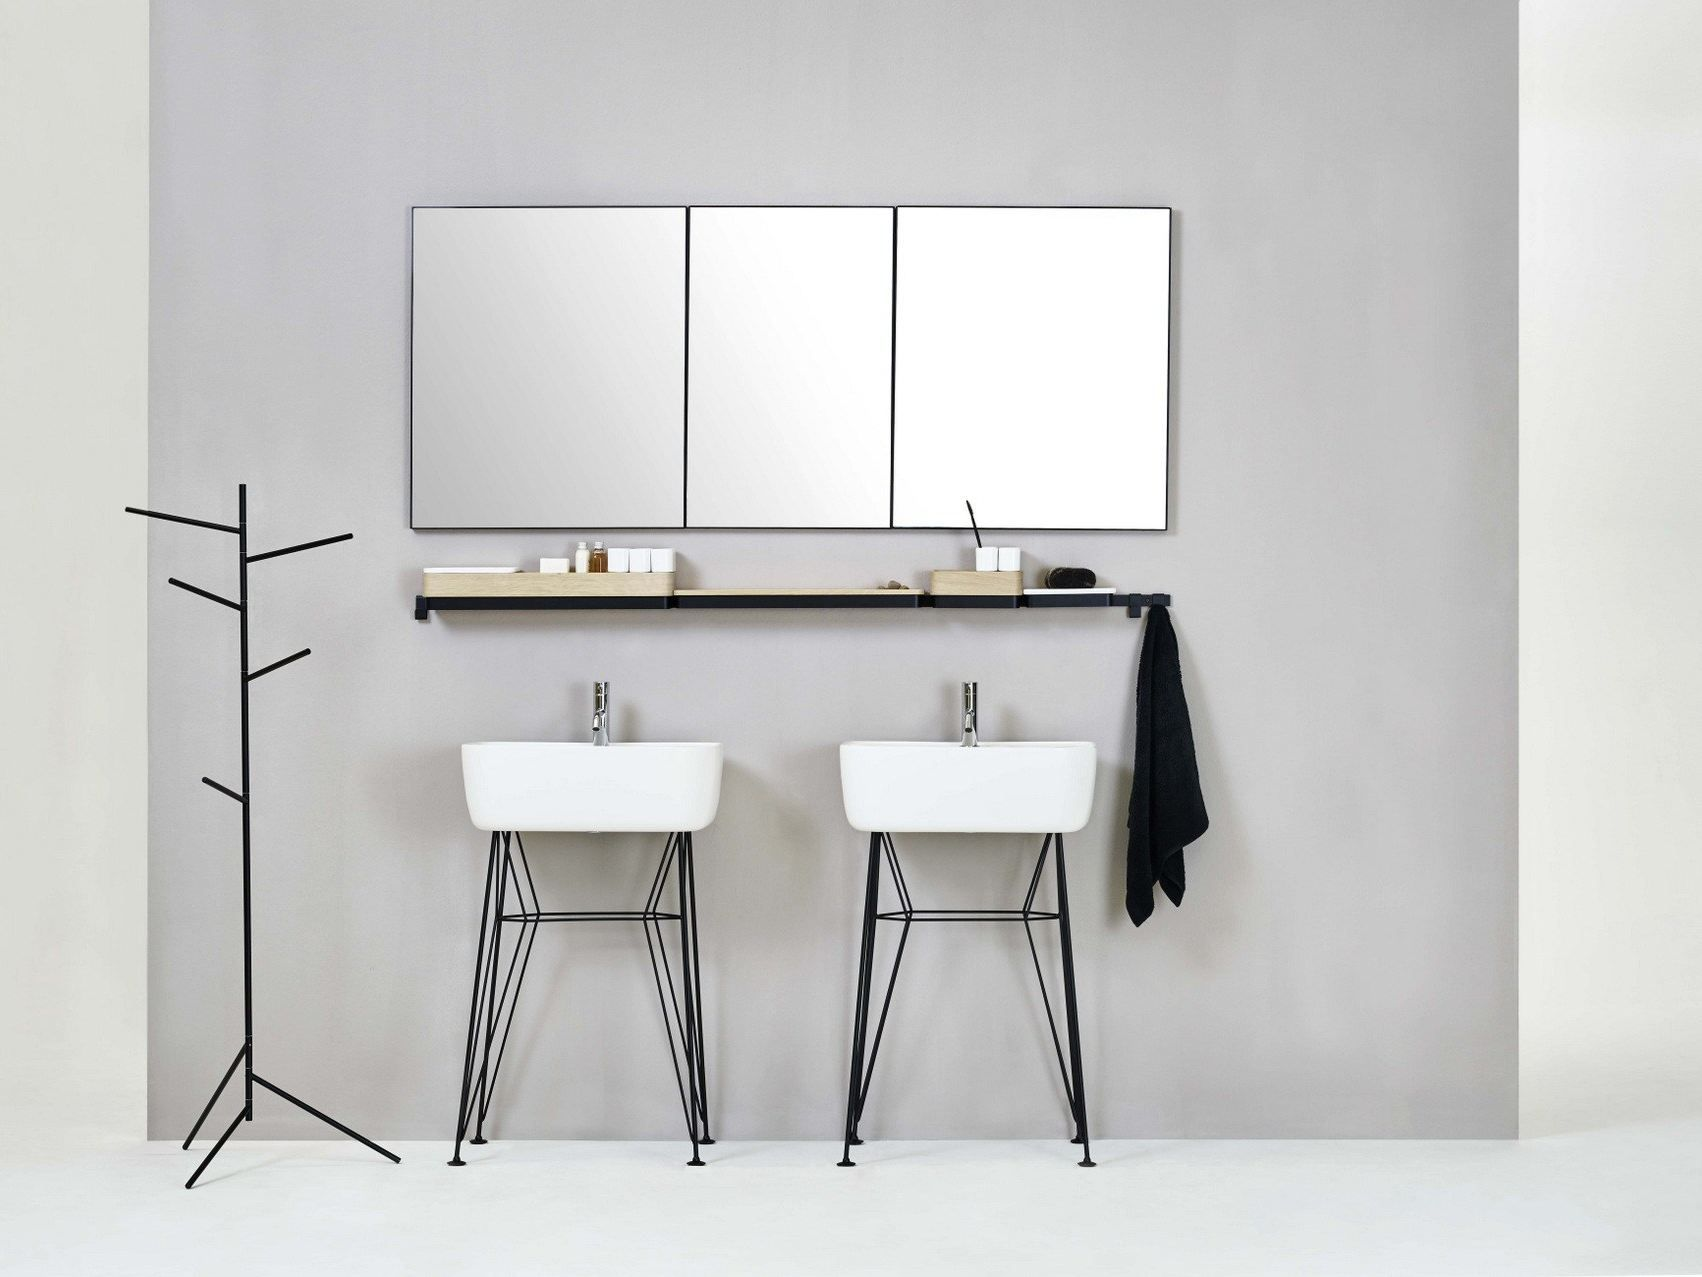 ROW Specchio a parete by Ex.t design oustudio   Home   Pinterest ...